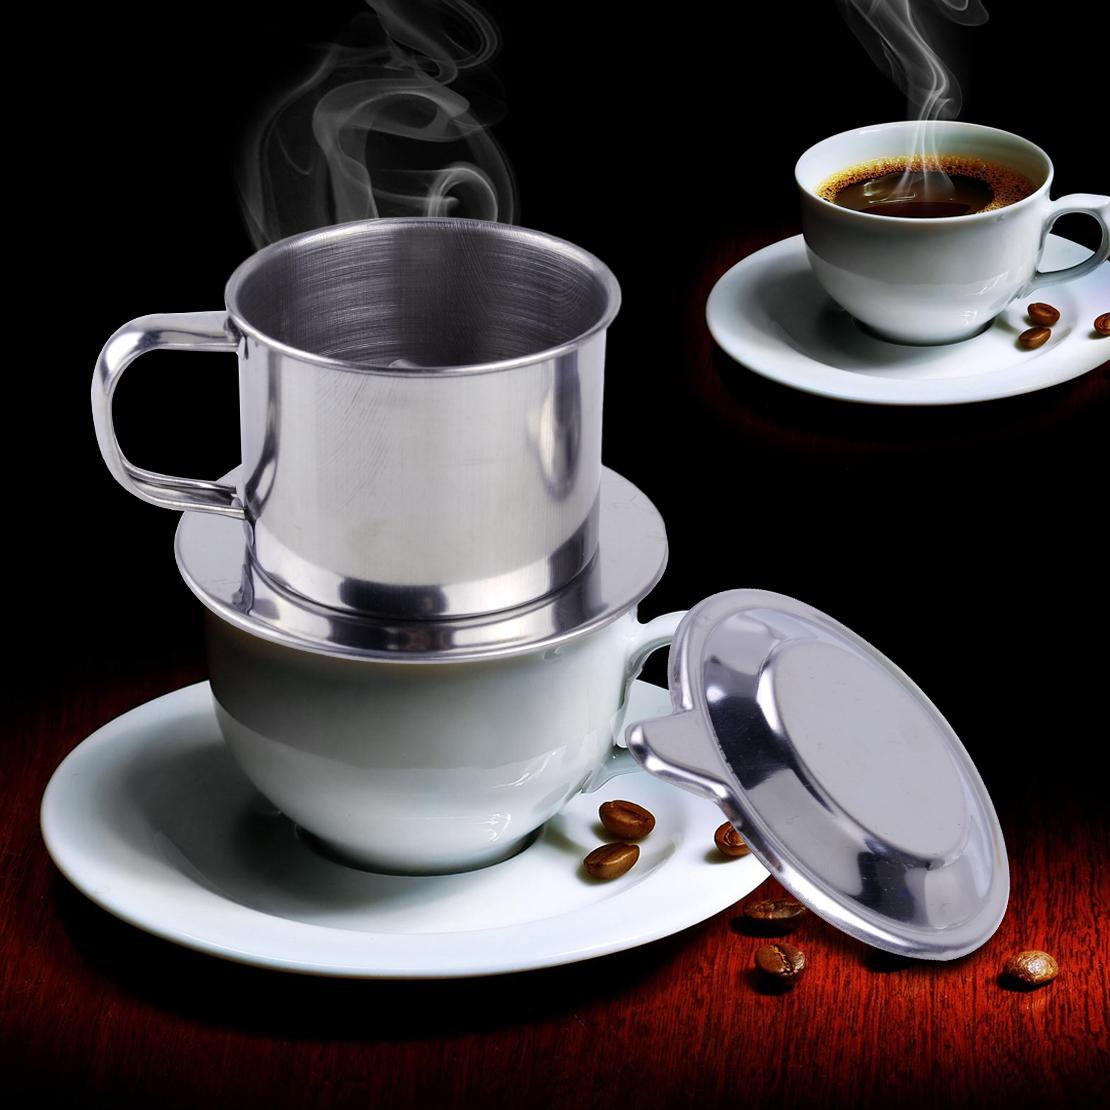 Vietnam Edelstahl Kaffeefilter Vietnamesisch Kaffeetasse